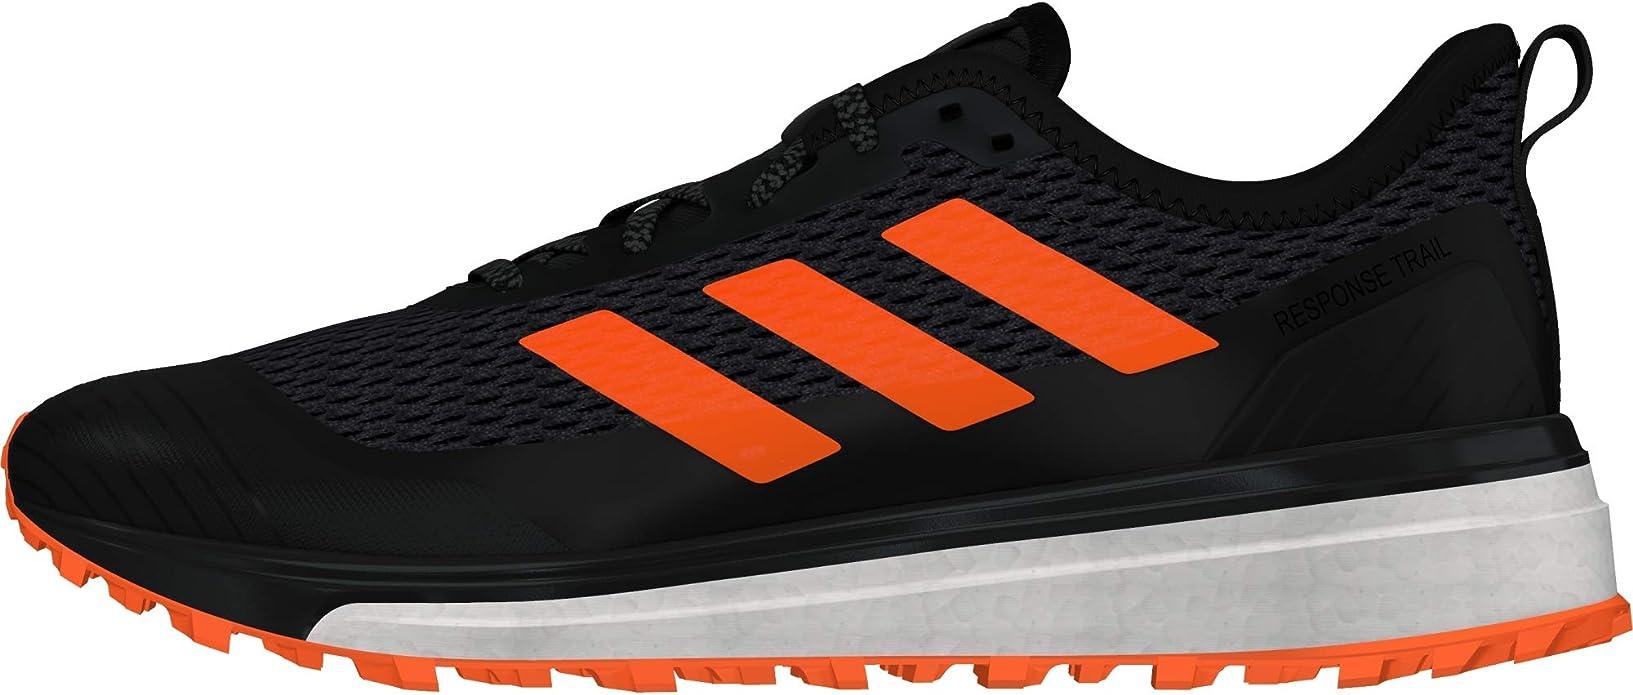 adidas Response M, Zapatillas de Trail Running para Hombre: Amazon.es: Zapatos y complementos